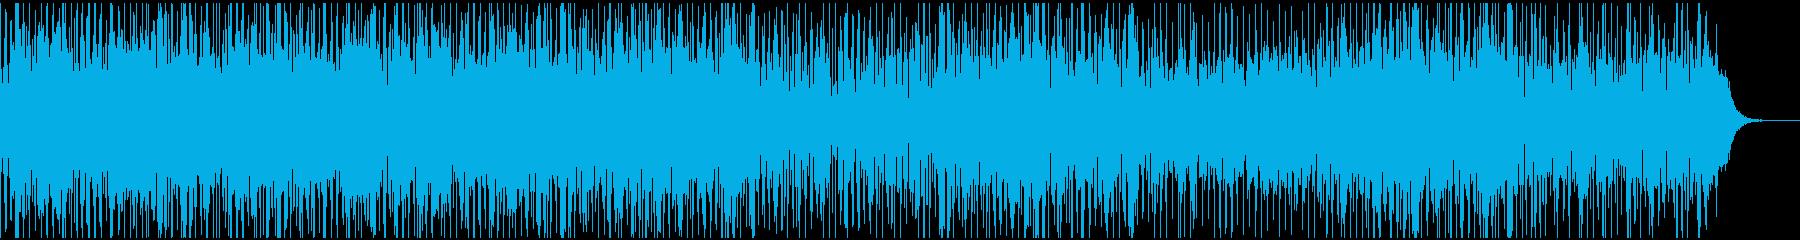 煌めく星のようなエレクトロブレイクビーツの再生済みの波形